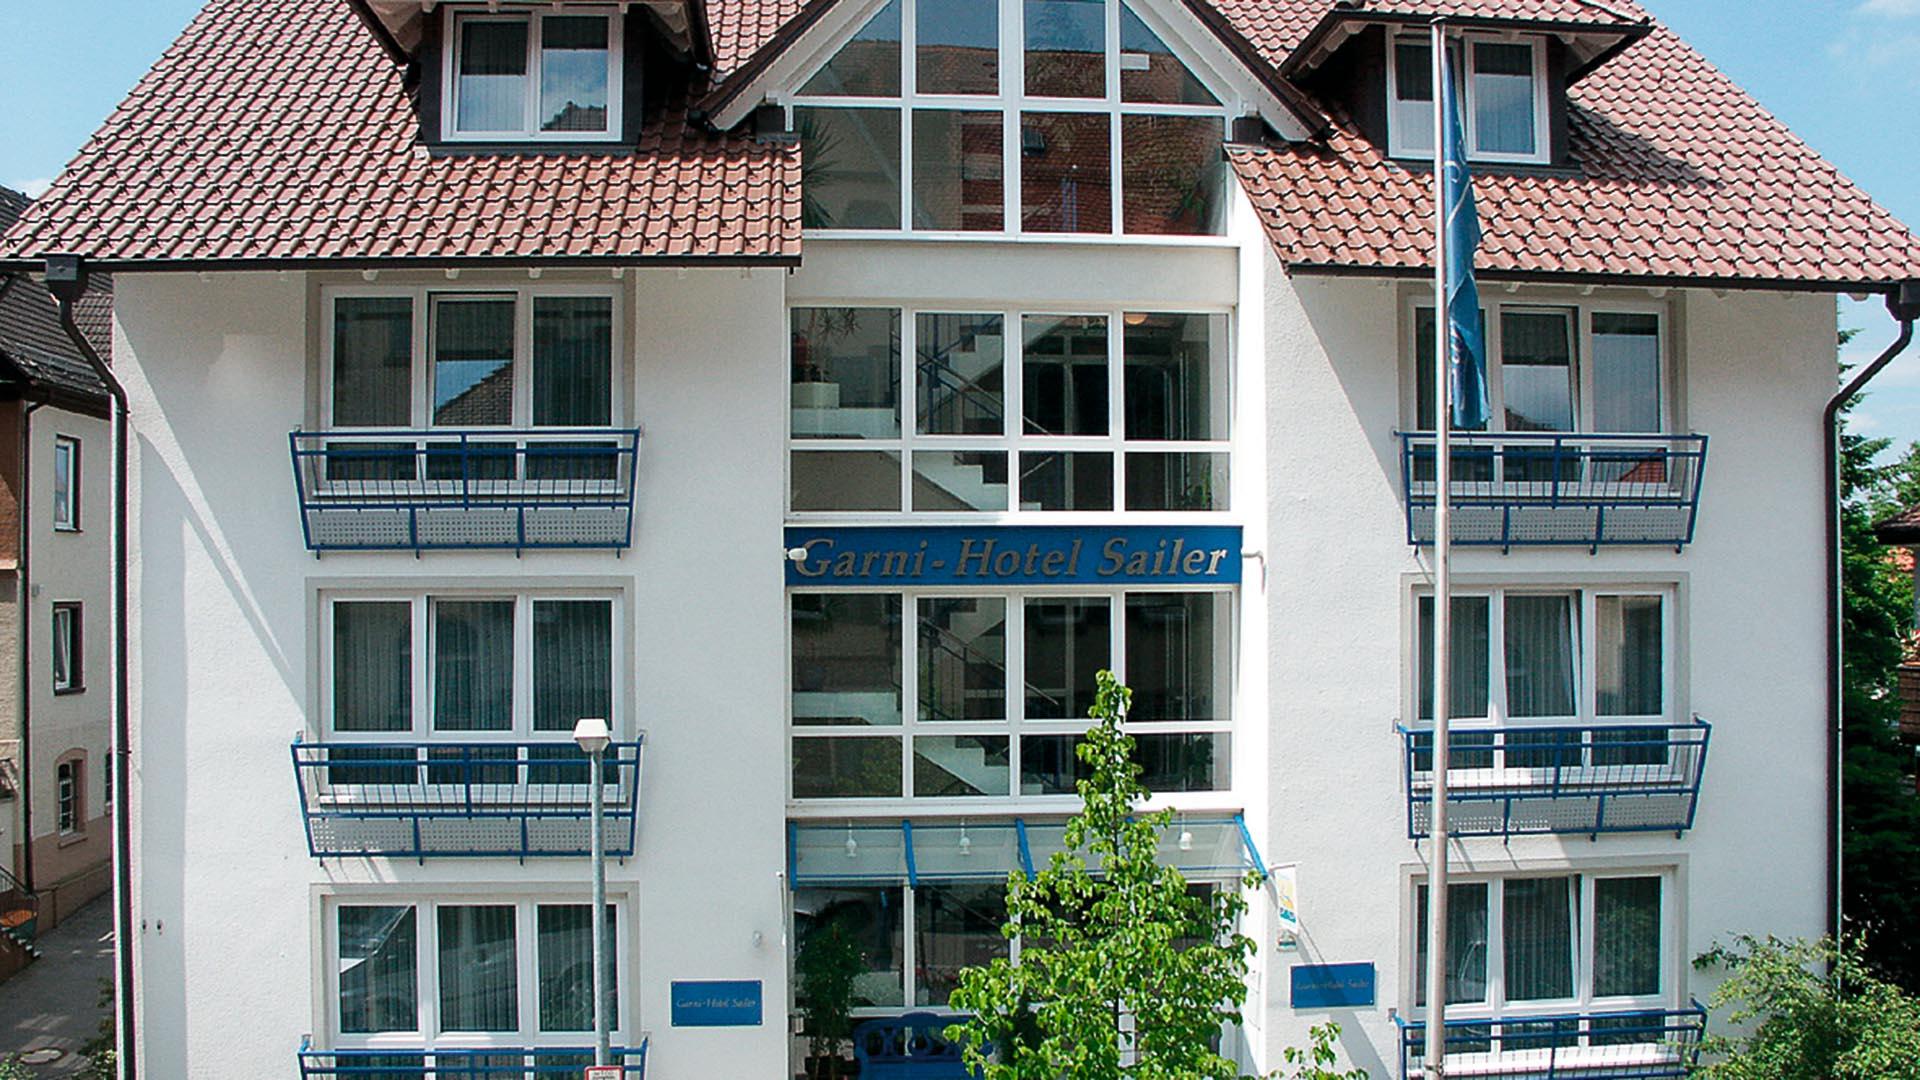 Garni-Hotel-Sailer